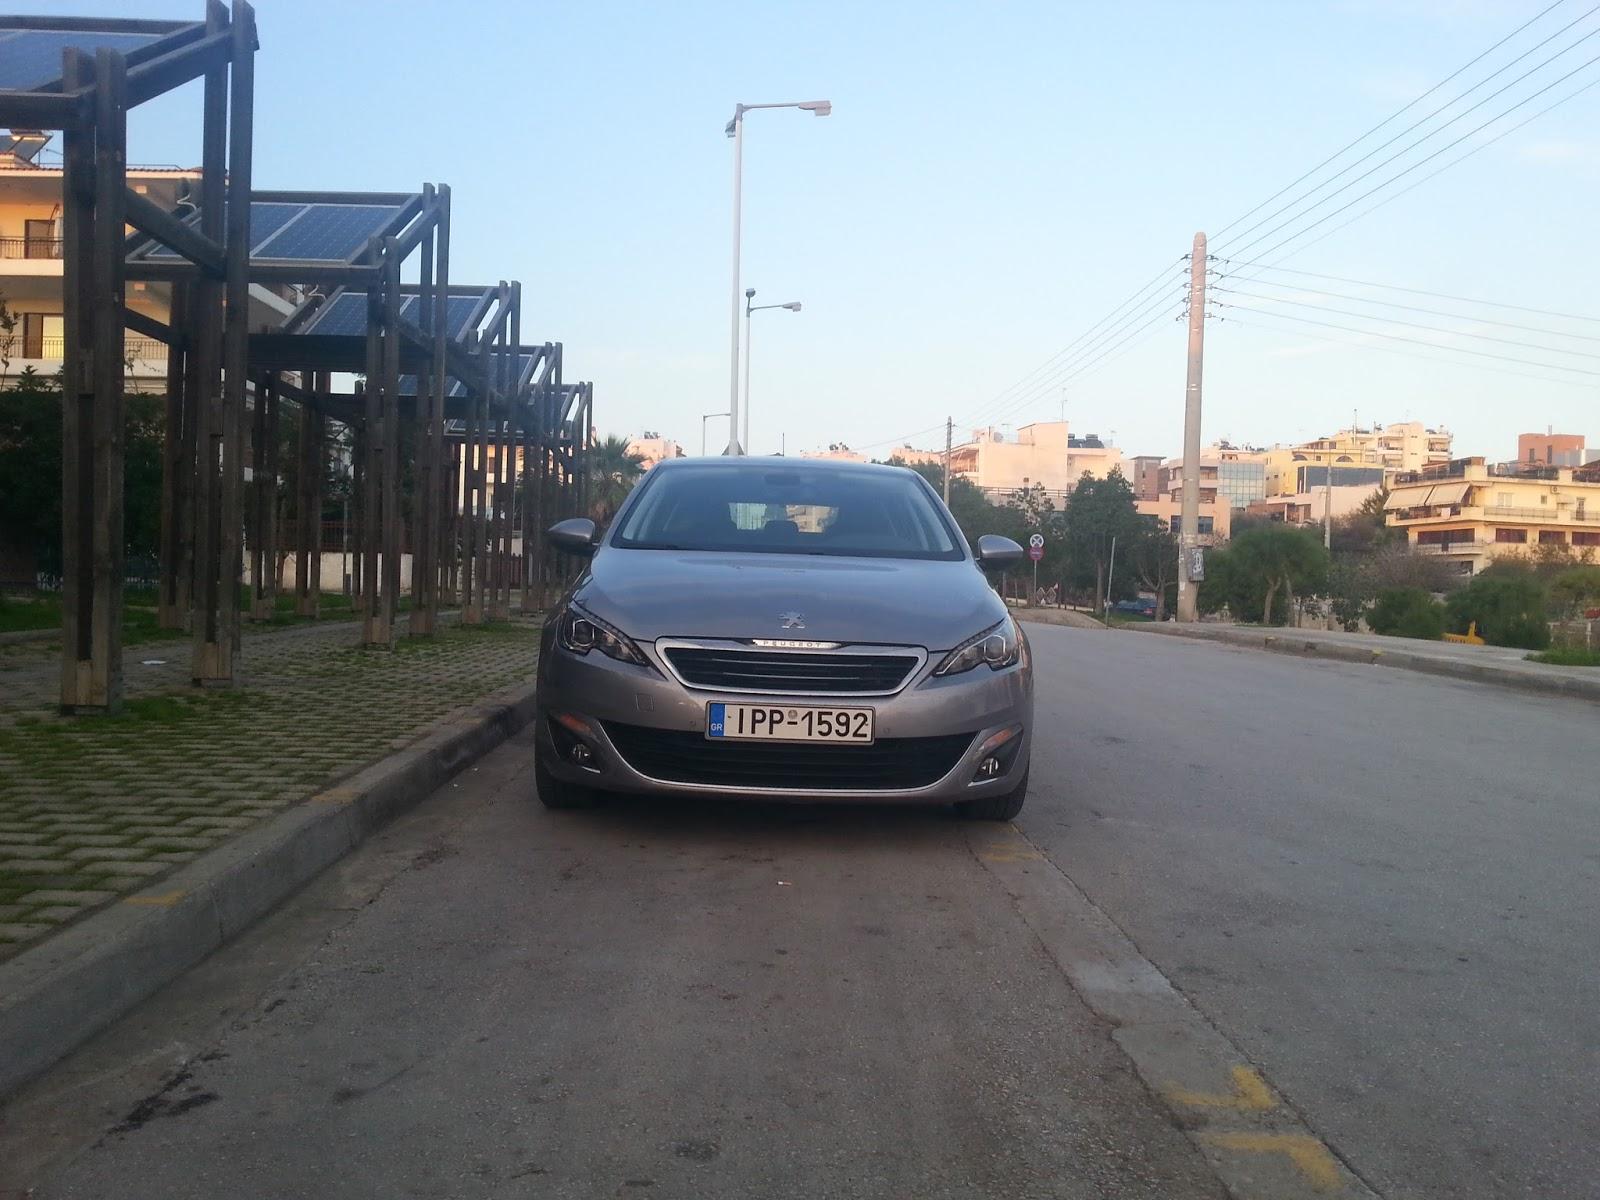 F4 4 Πόσο καλά στρίβει το Peugeot 308; Peugeot, Peugeot 308, TEST, ΔΟΚΙΜΕΣ